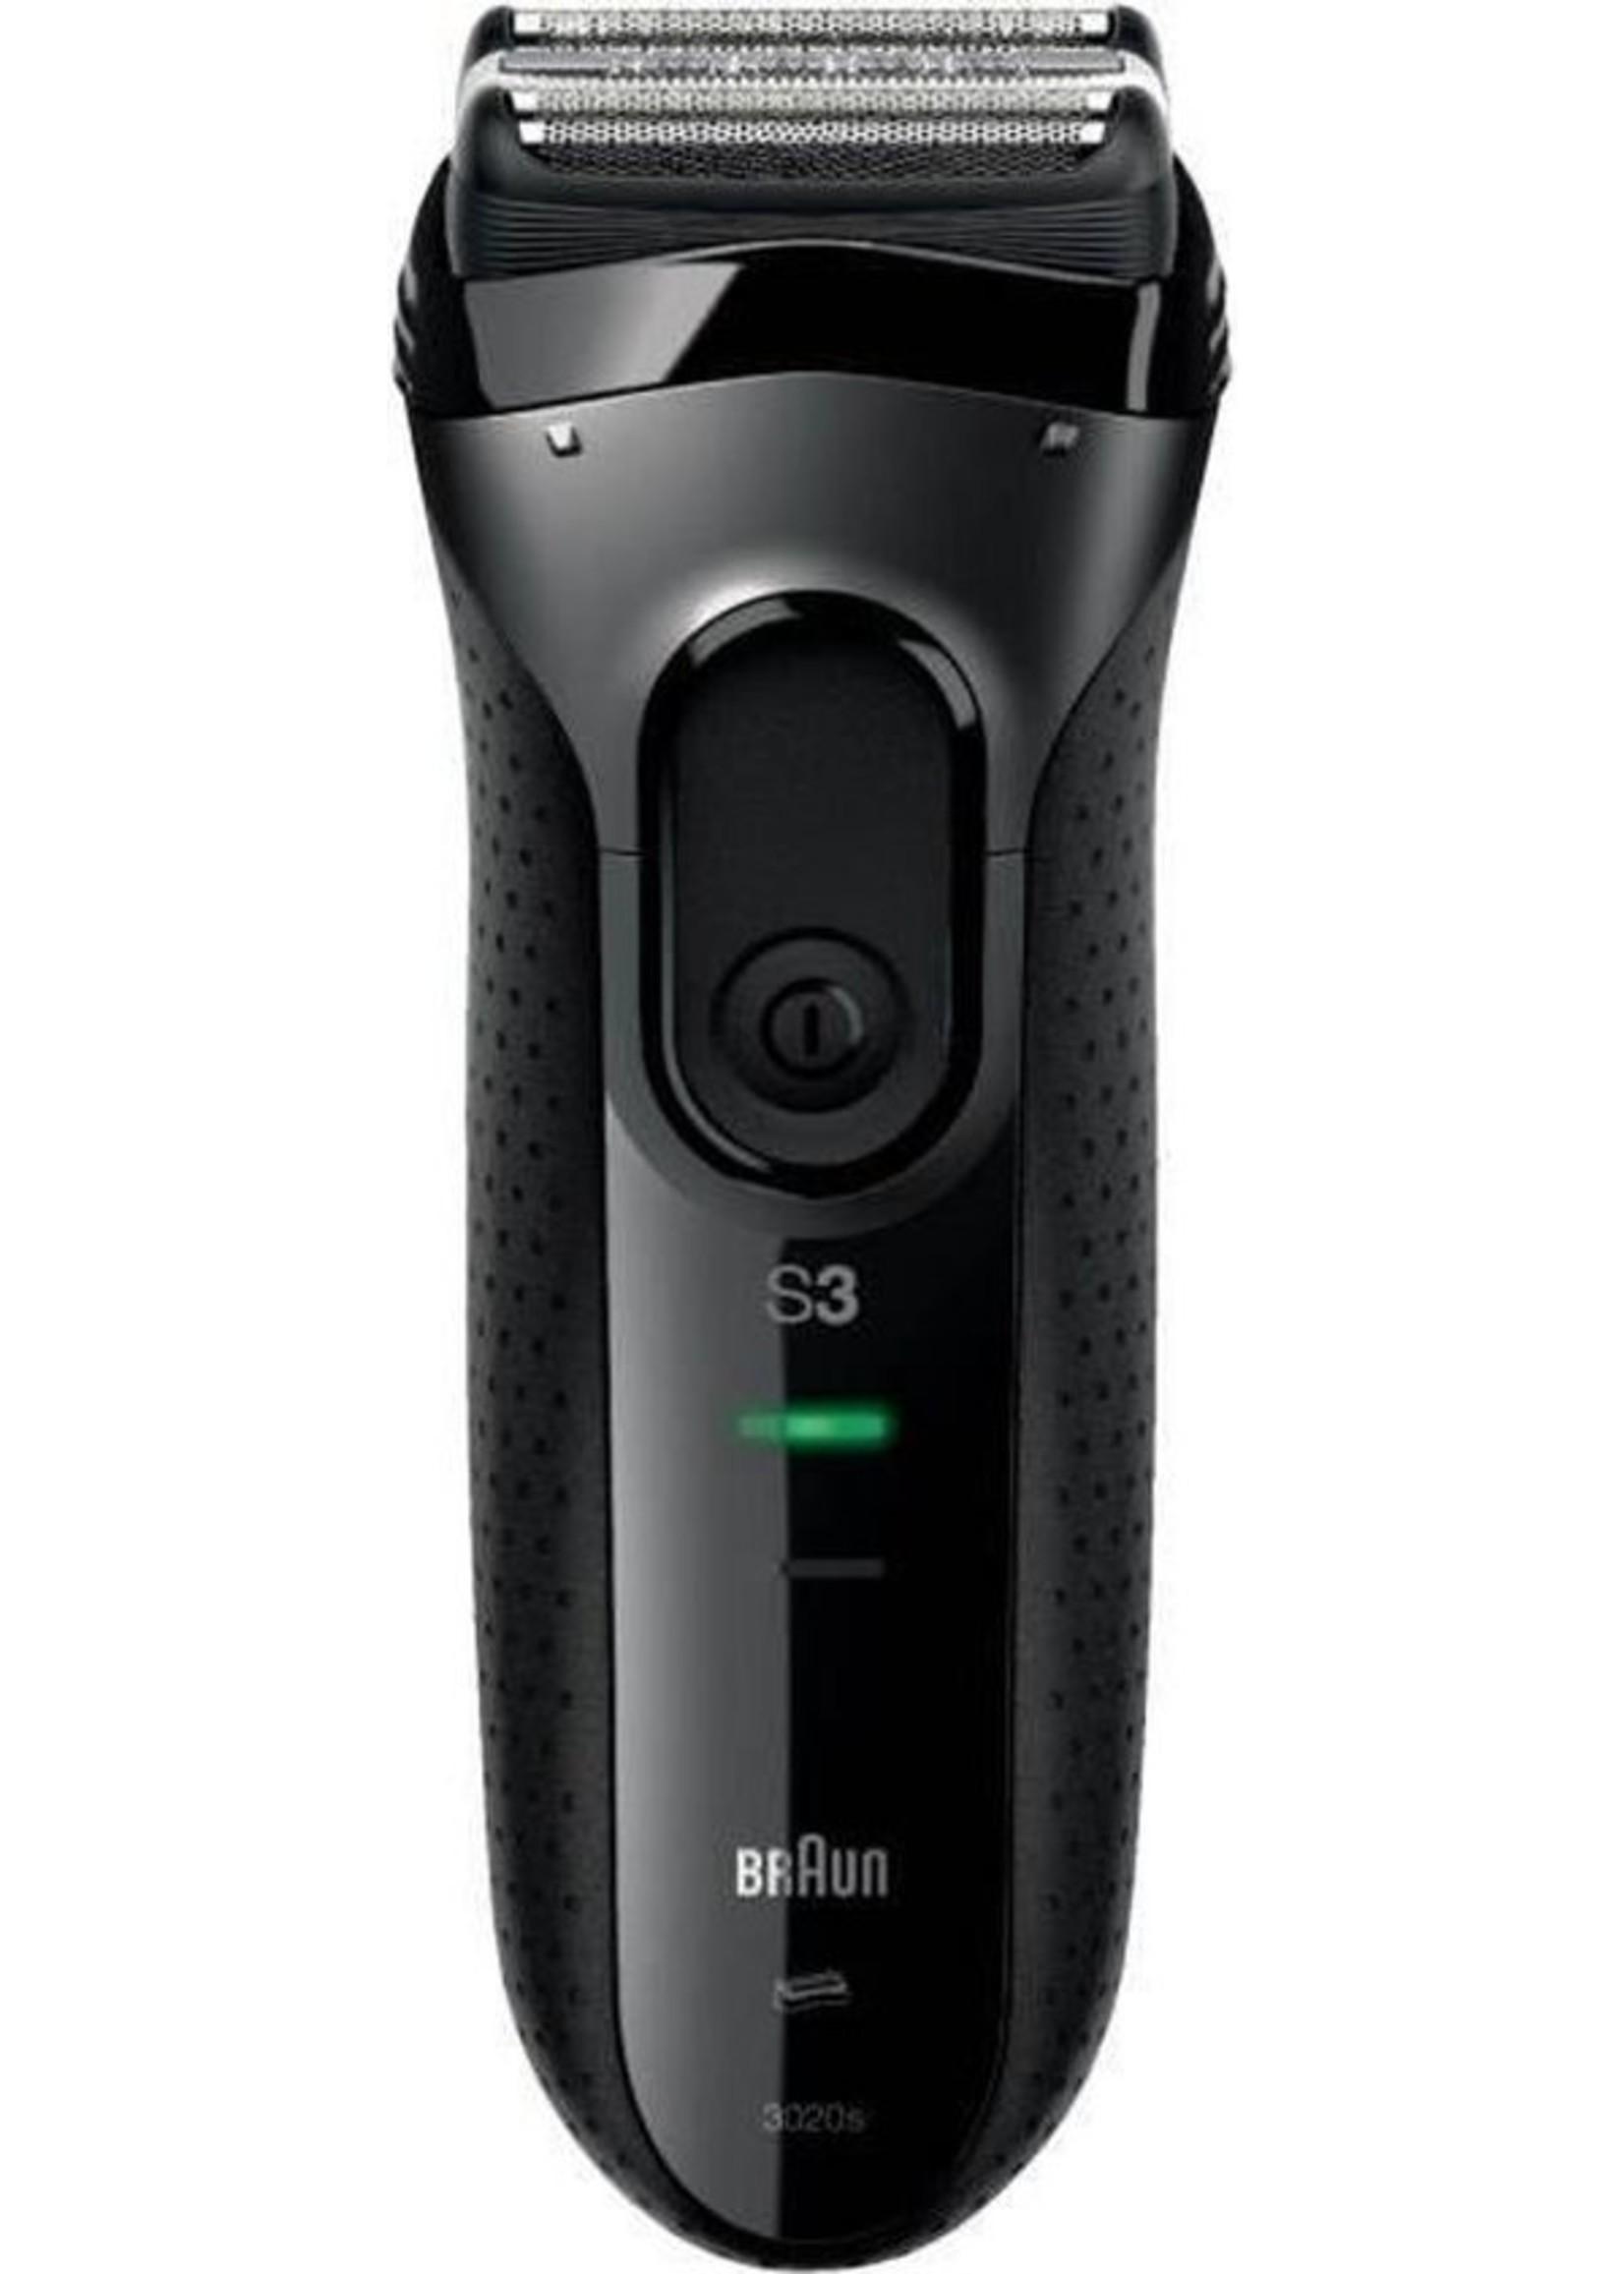 Braun Braun Series 3 3020s ProSkin Zwart - Elektrisch Scheerapparaat